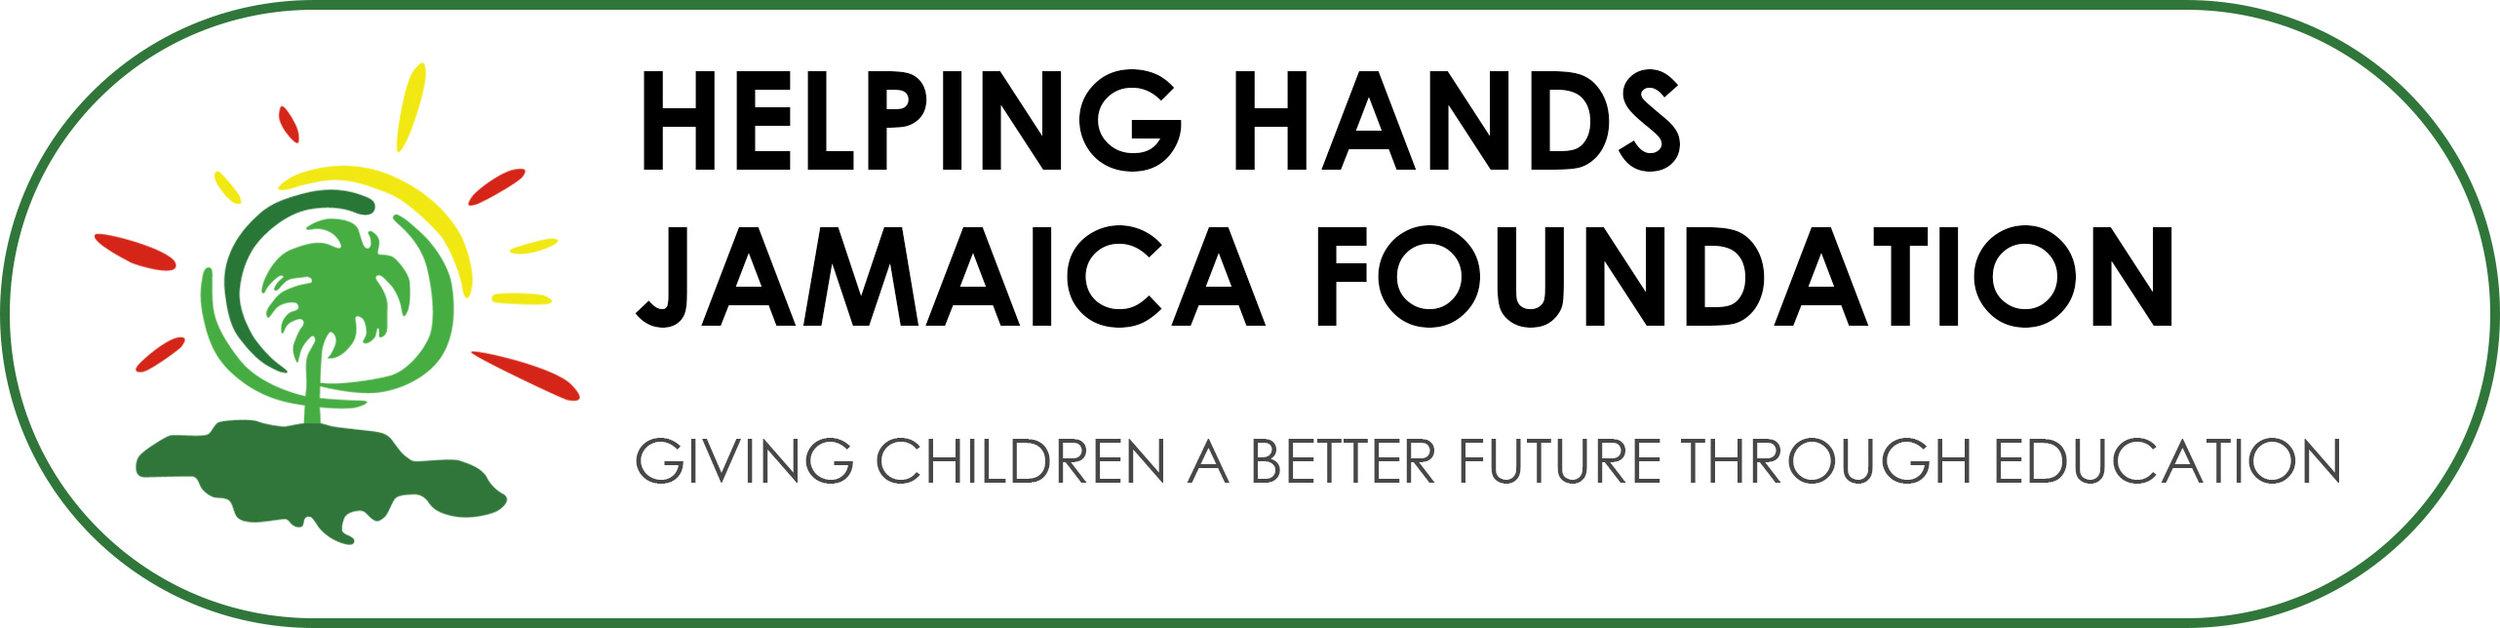 Helping-Hands-Jamaica-Button.jpg